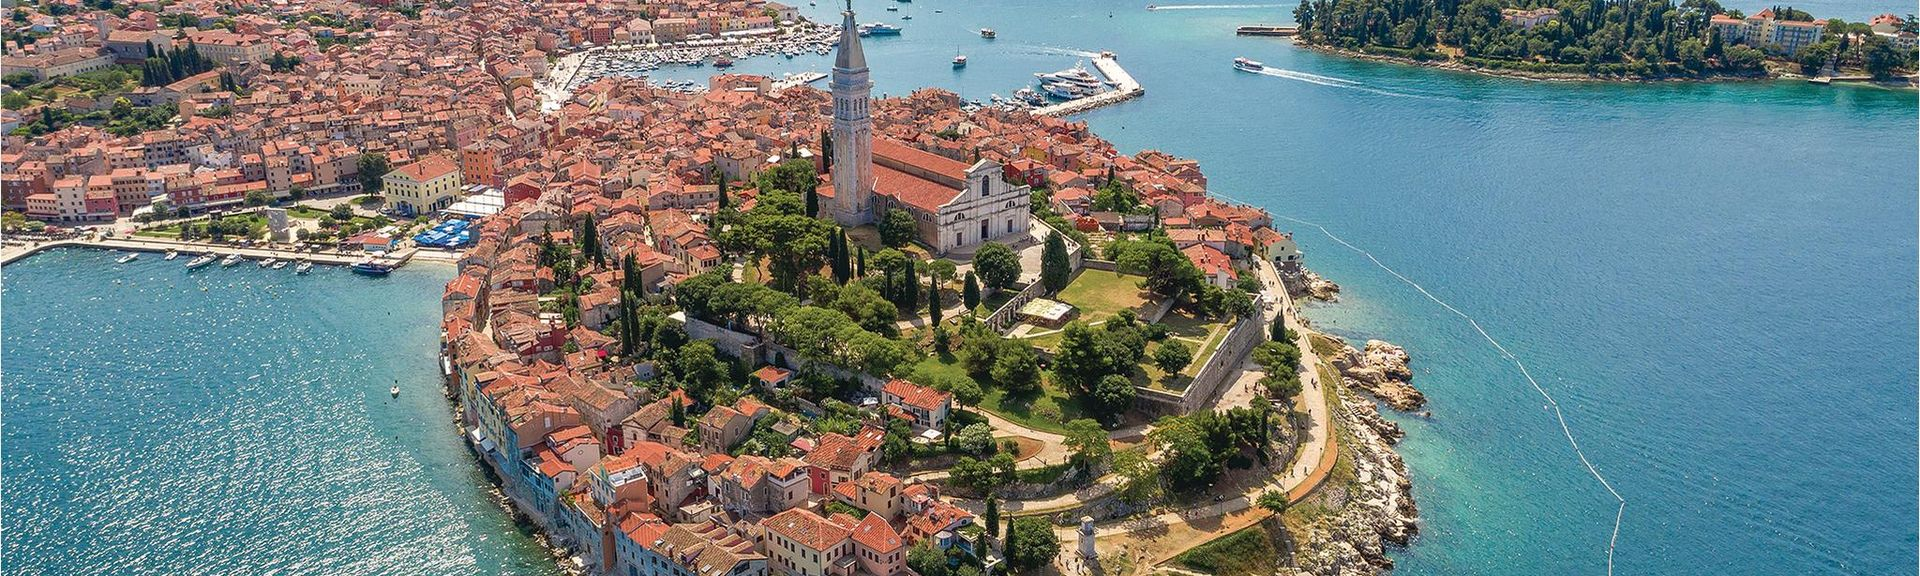 Vrsar, Gespanschaft Istrien, Kroatien